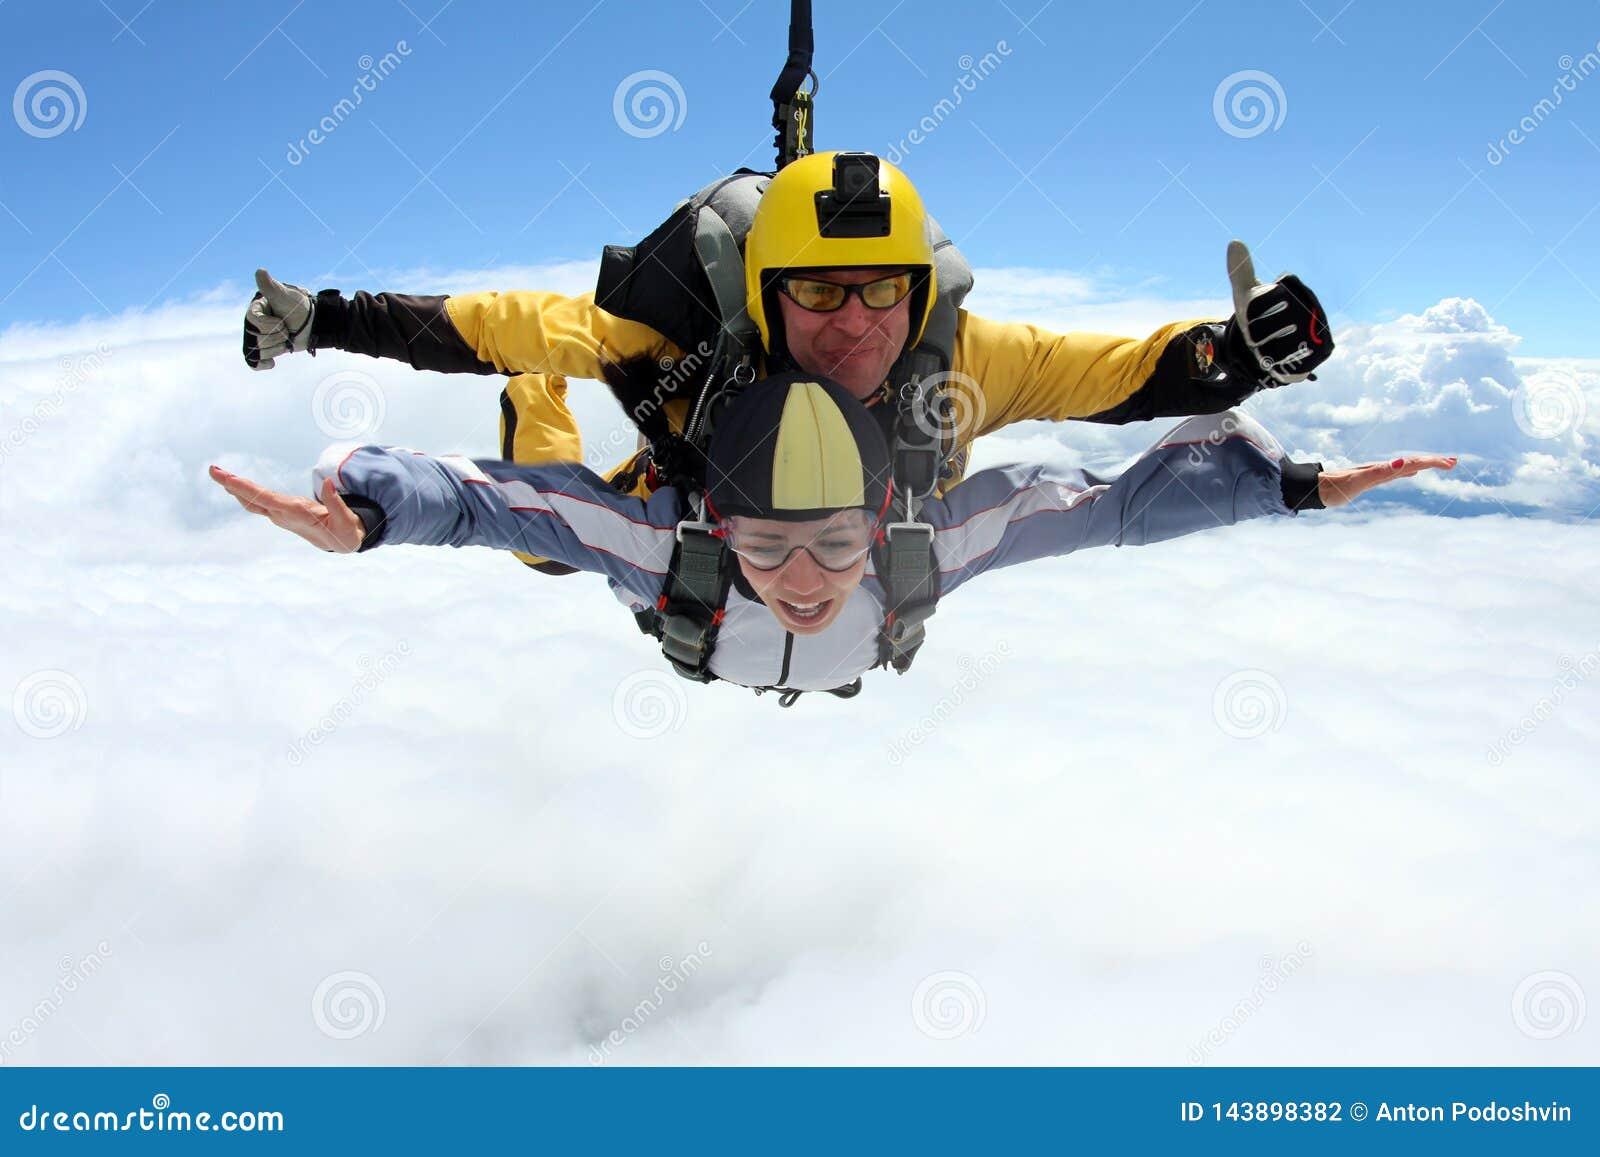 Sprong achter elkaar Skydiving in de blauwe hemel